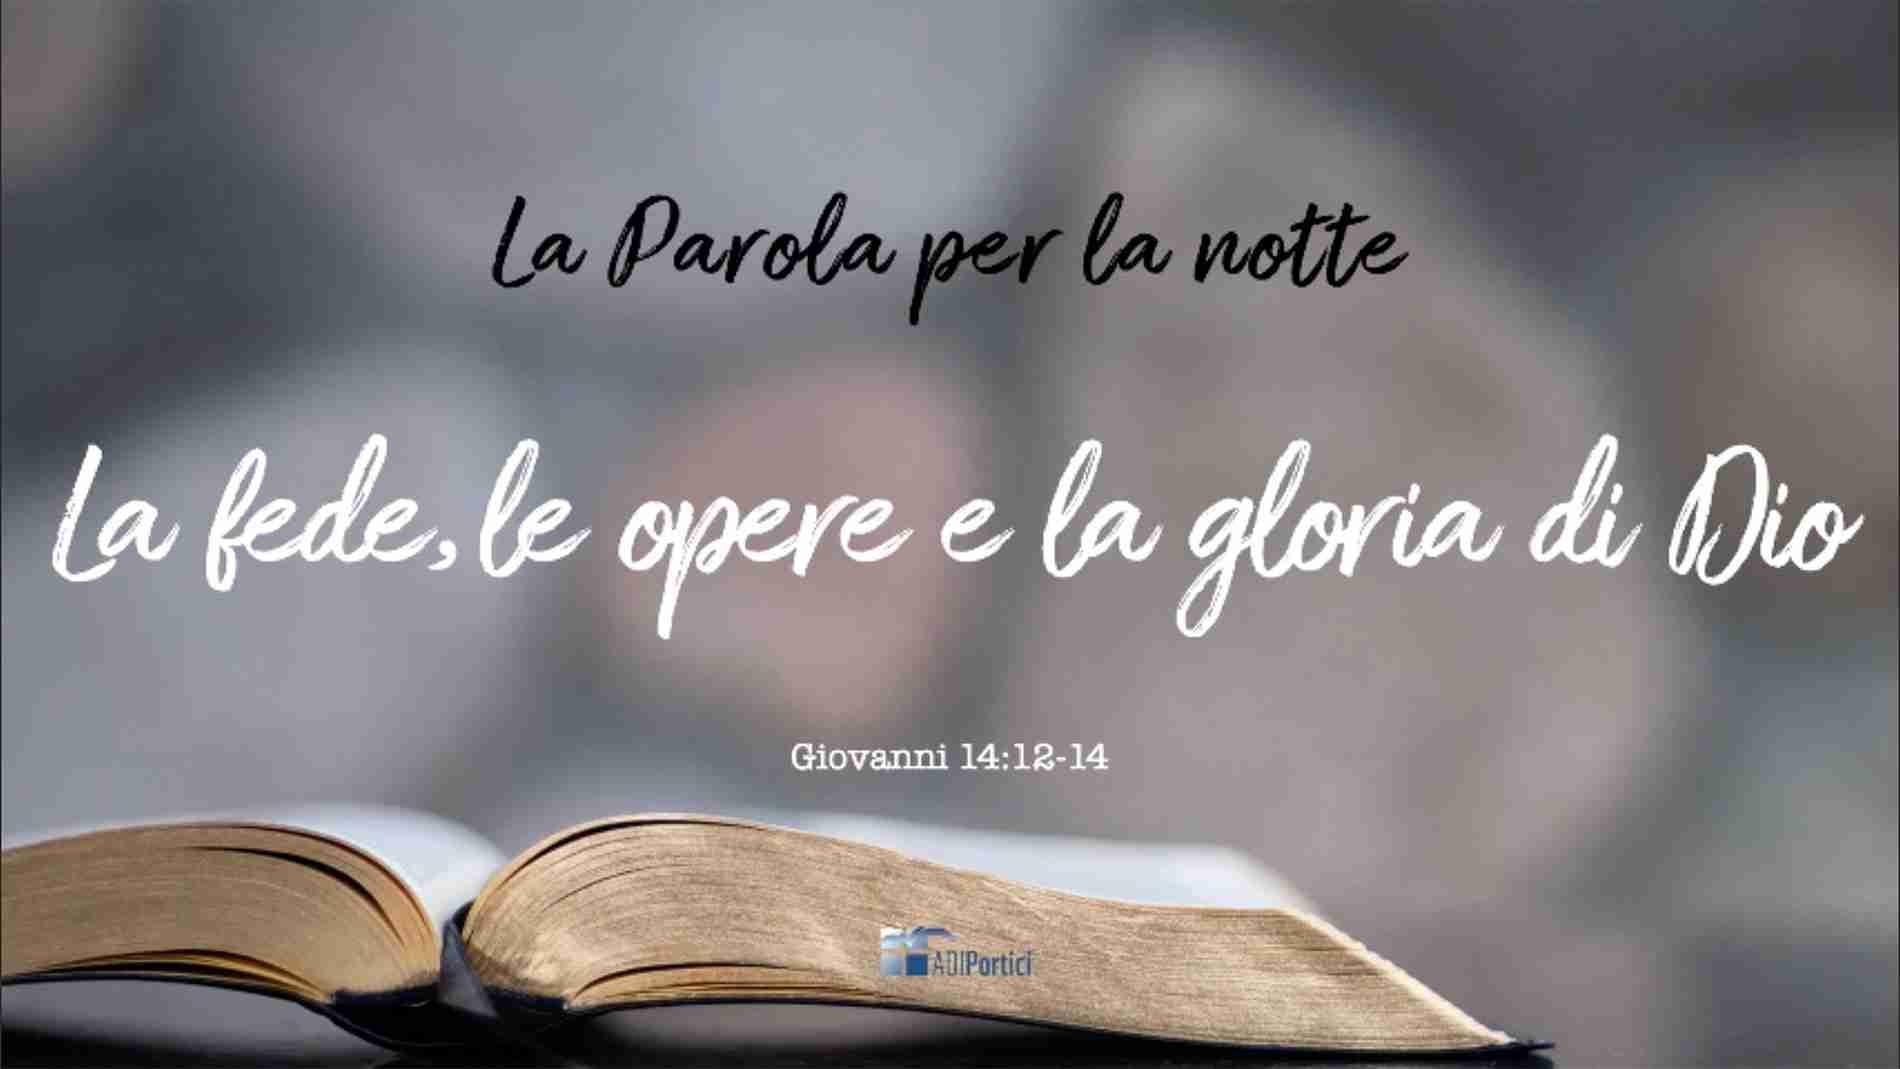 5. La fede, le opere e la gloria di Dio